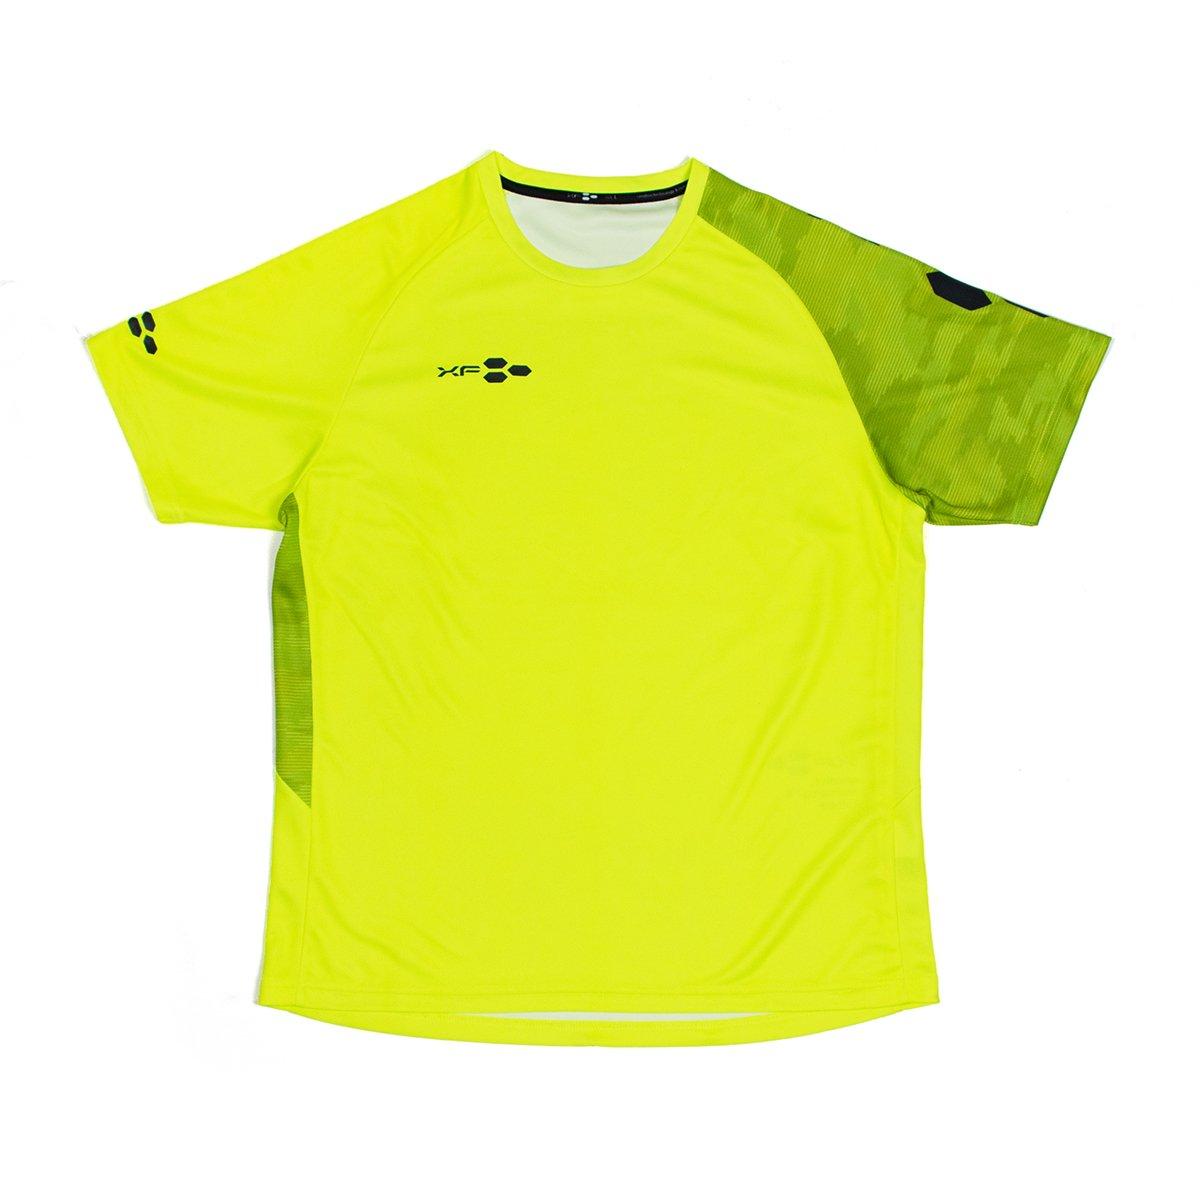 プラクティスシャツ '21 ネオンイエロー